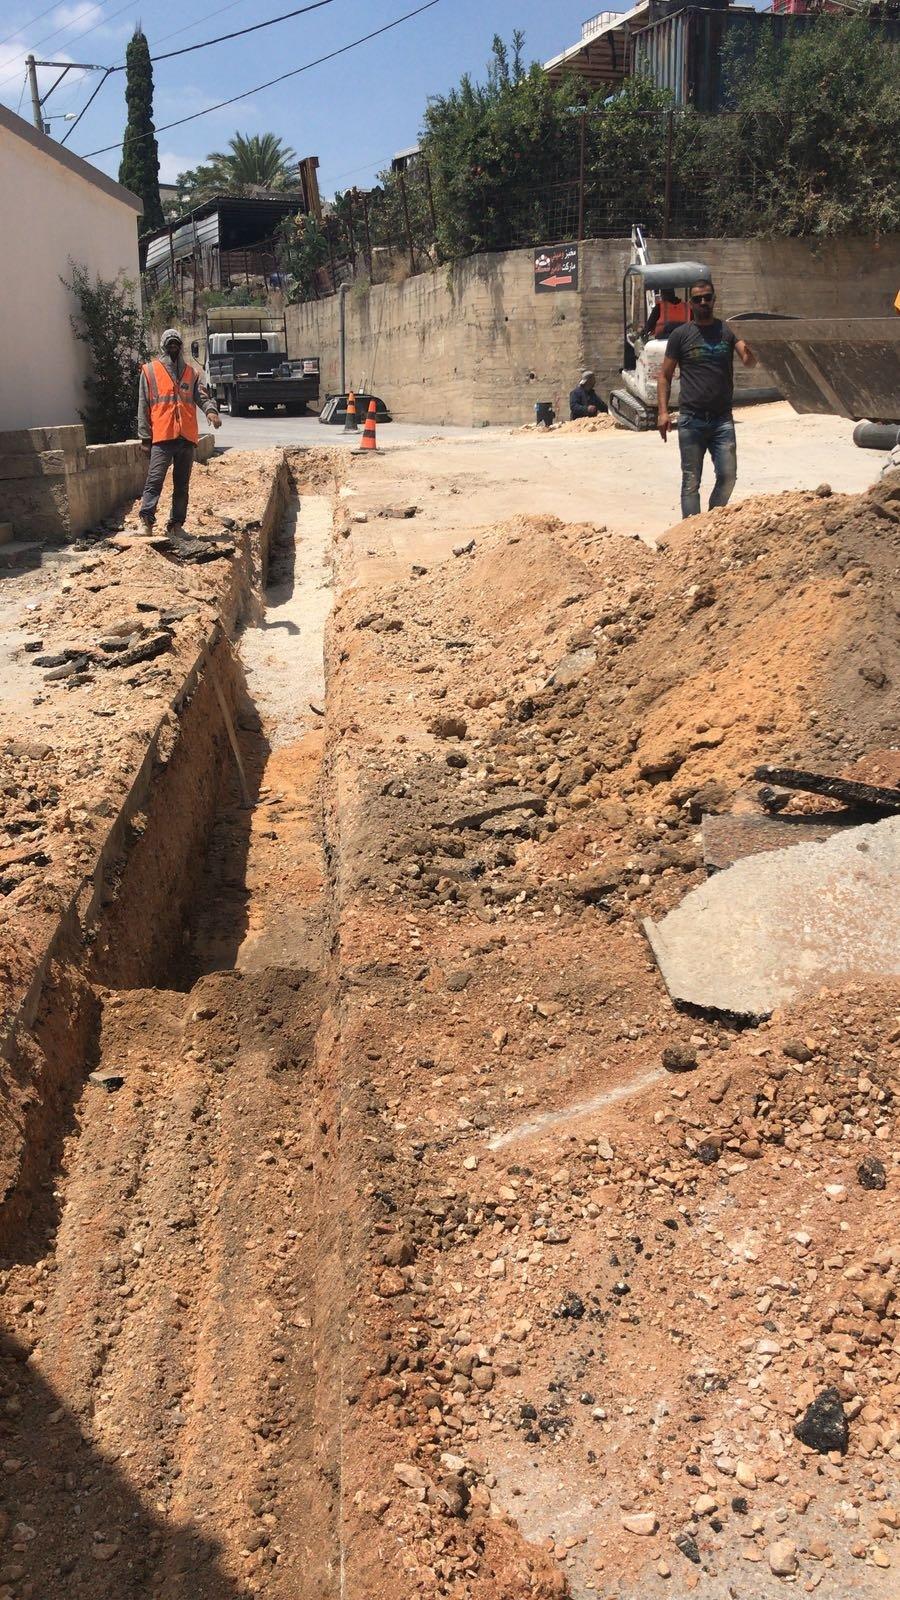 مياهكم يطور انبوب المياه الرئيسي في قرية المشهد